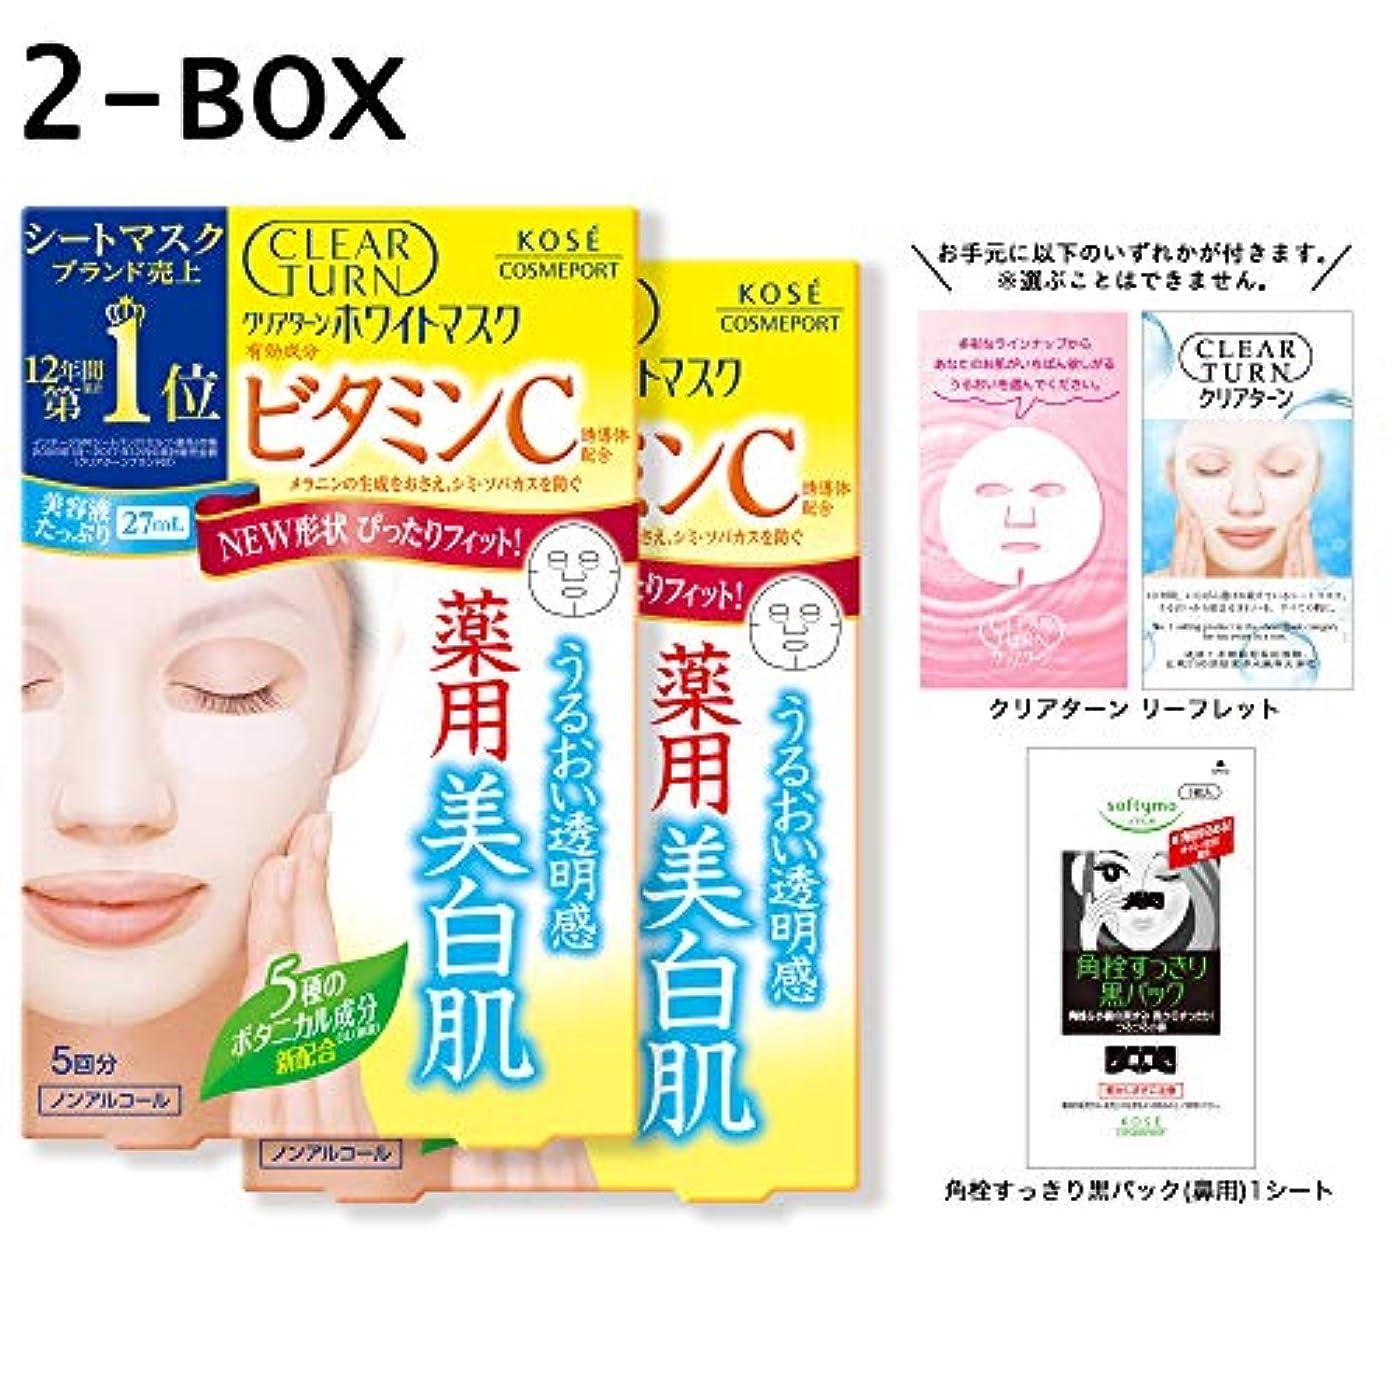 【Amazon.co.jp限定】KOSE クリアターン ホワイト マスク VC (ビタミンC) 5枚 2パック おまけ付 フェイスマスク (医薬部外品)